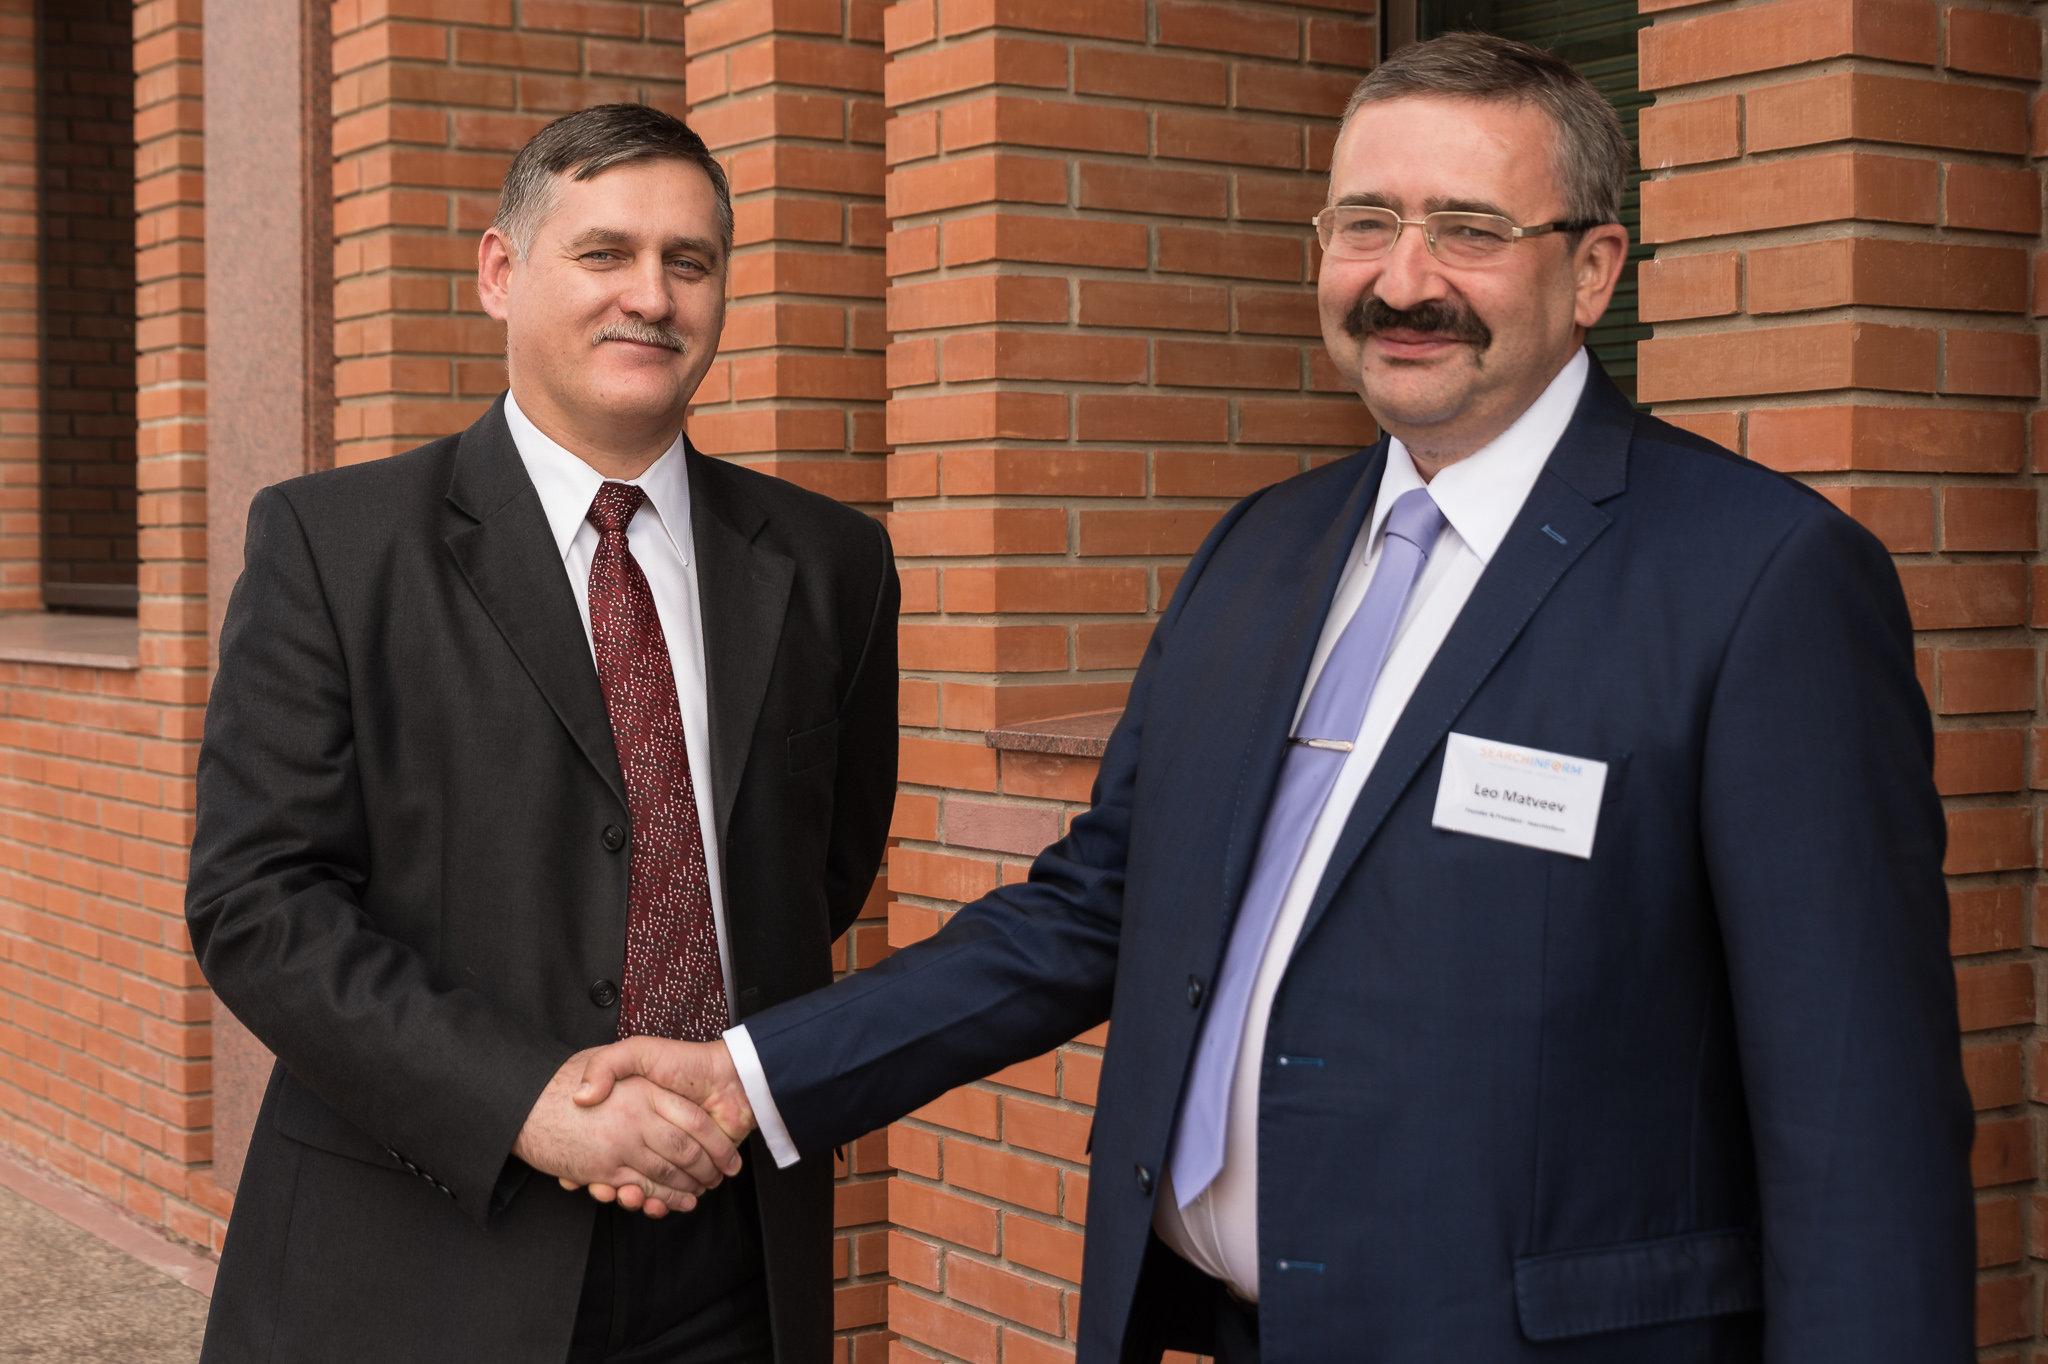 Leo Matveev, presidente de SearchInform, con Miguel Zotov, subjefe de la Representación Comercial de la Federación de Rusia en Argentina